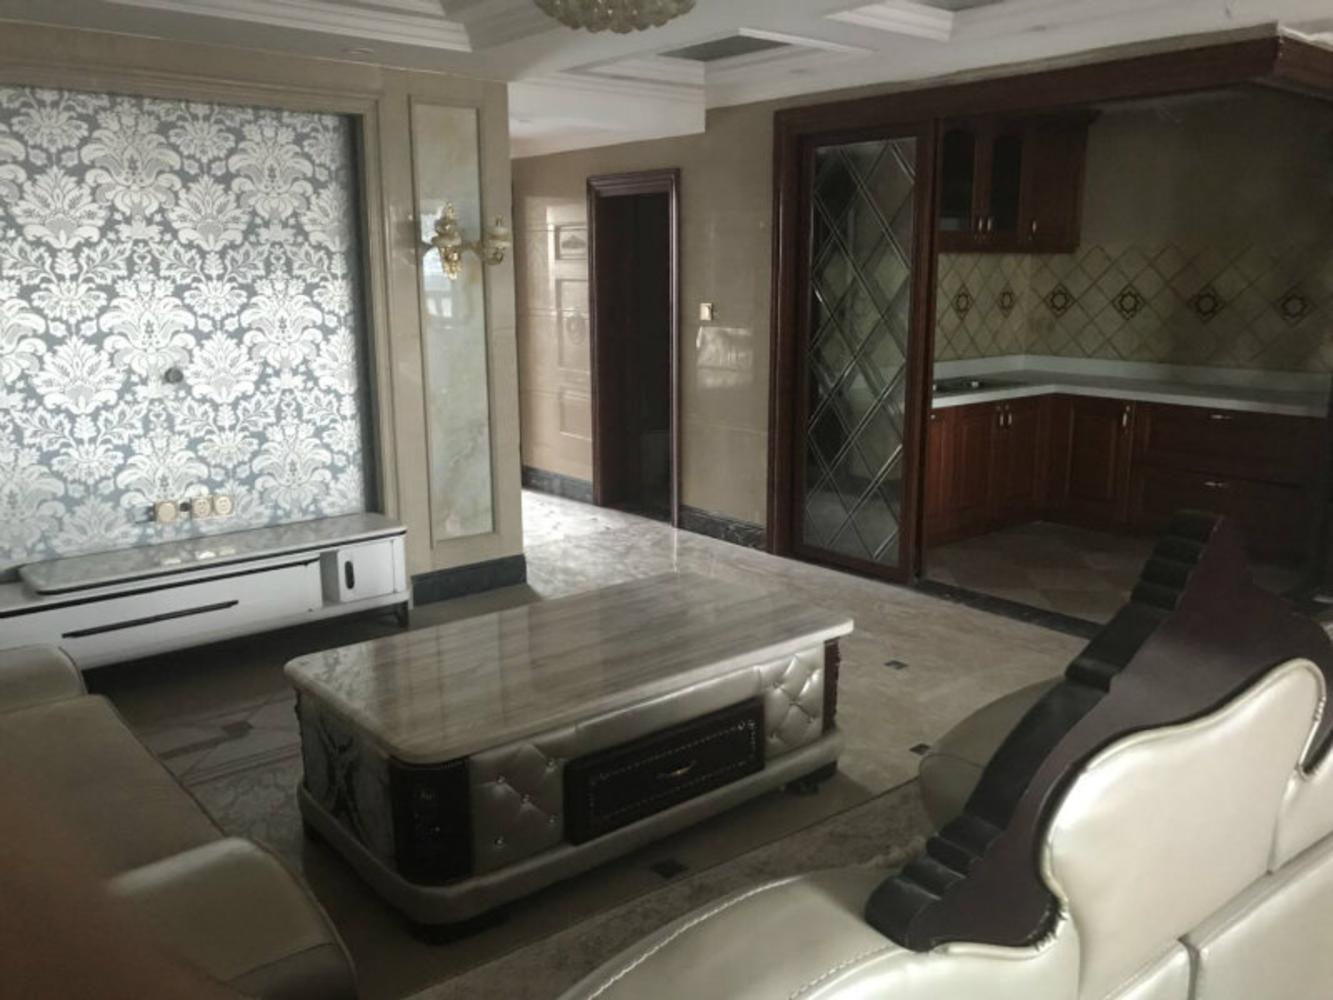 中厦国际 滨江国际附近 宾王三�W区 售楼部直售一手新房统一价